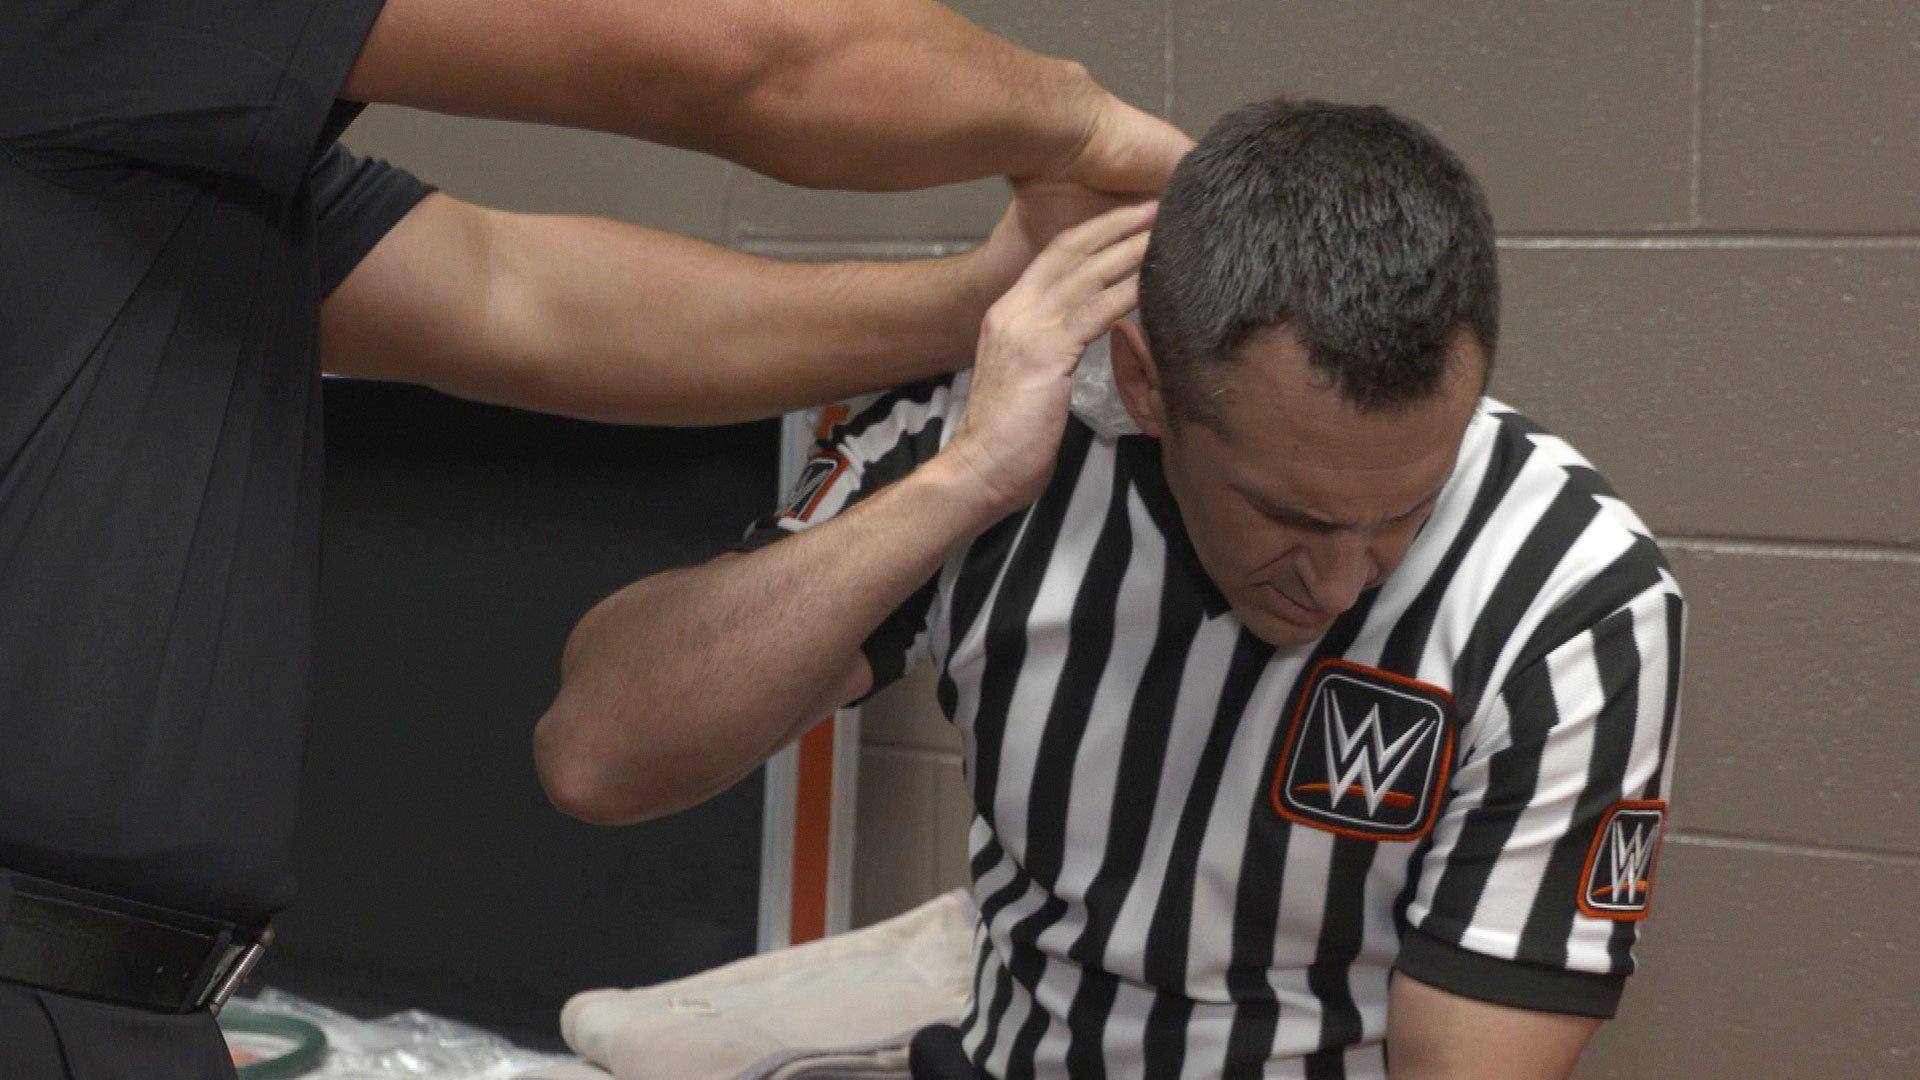 Sędzia John Cone kontuzjowany po starciu Big Showa i Brauna Strowmana: WWE.com Exclusive 17.04.17